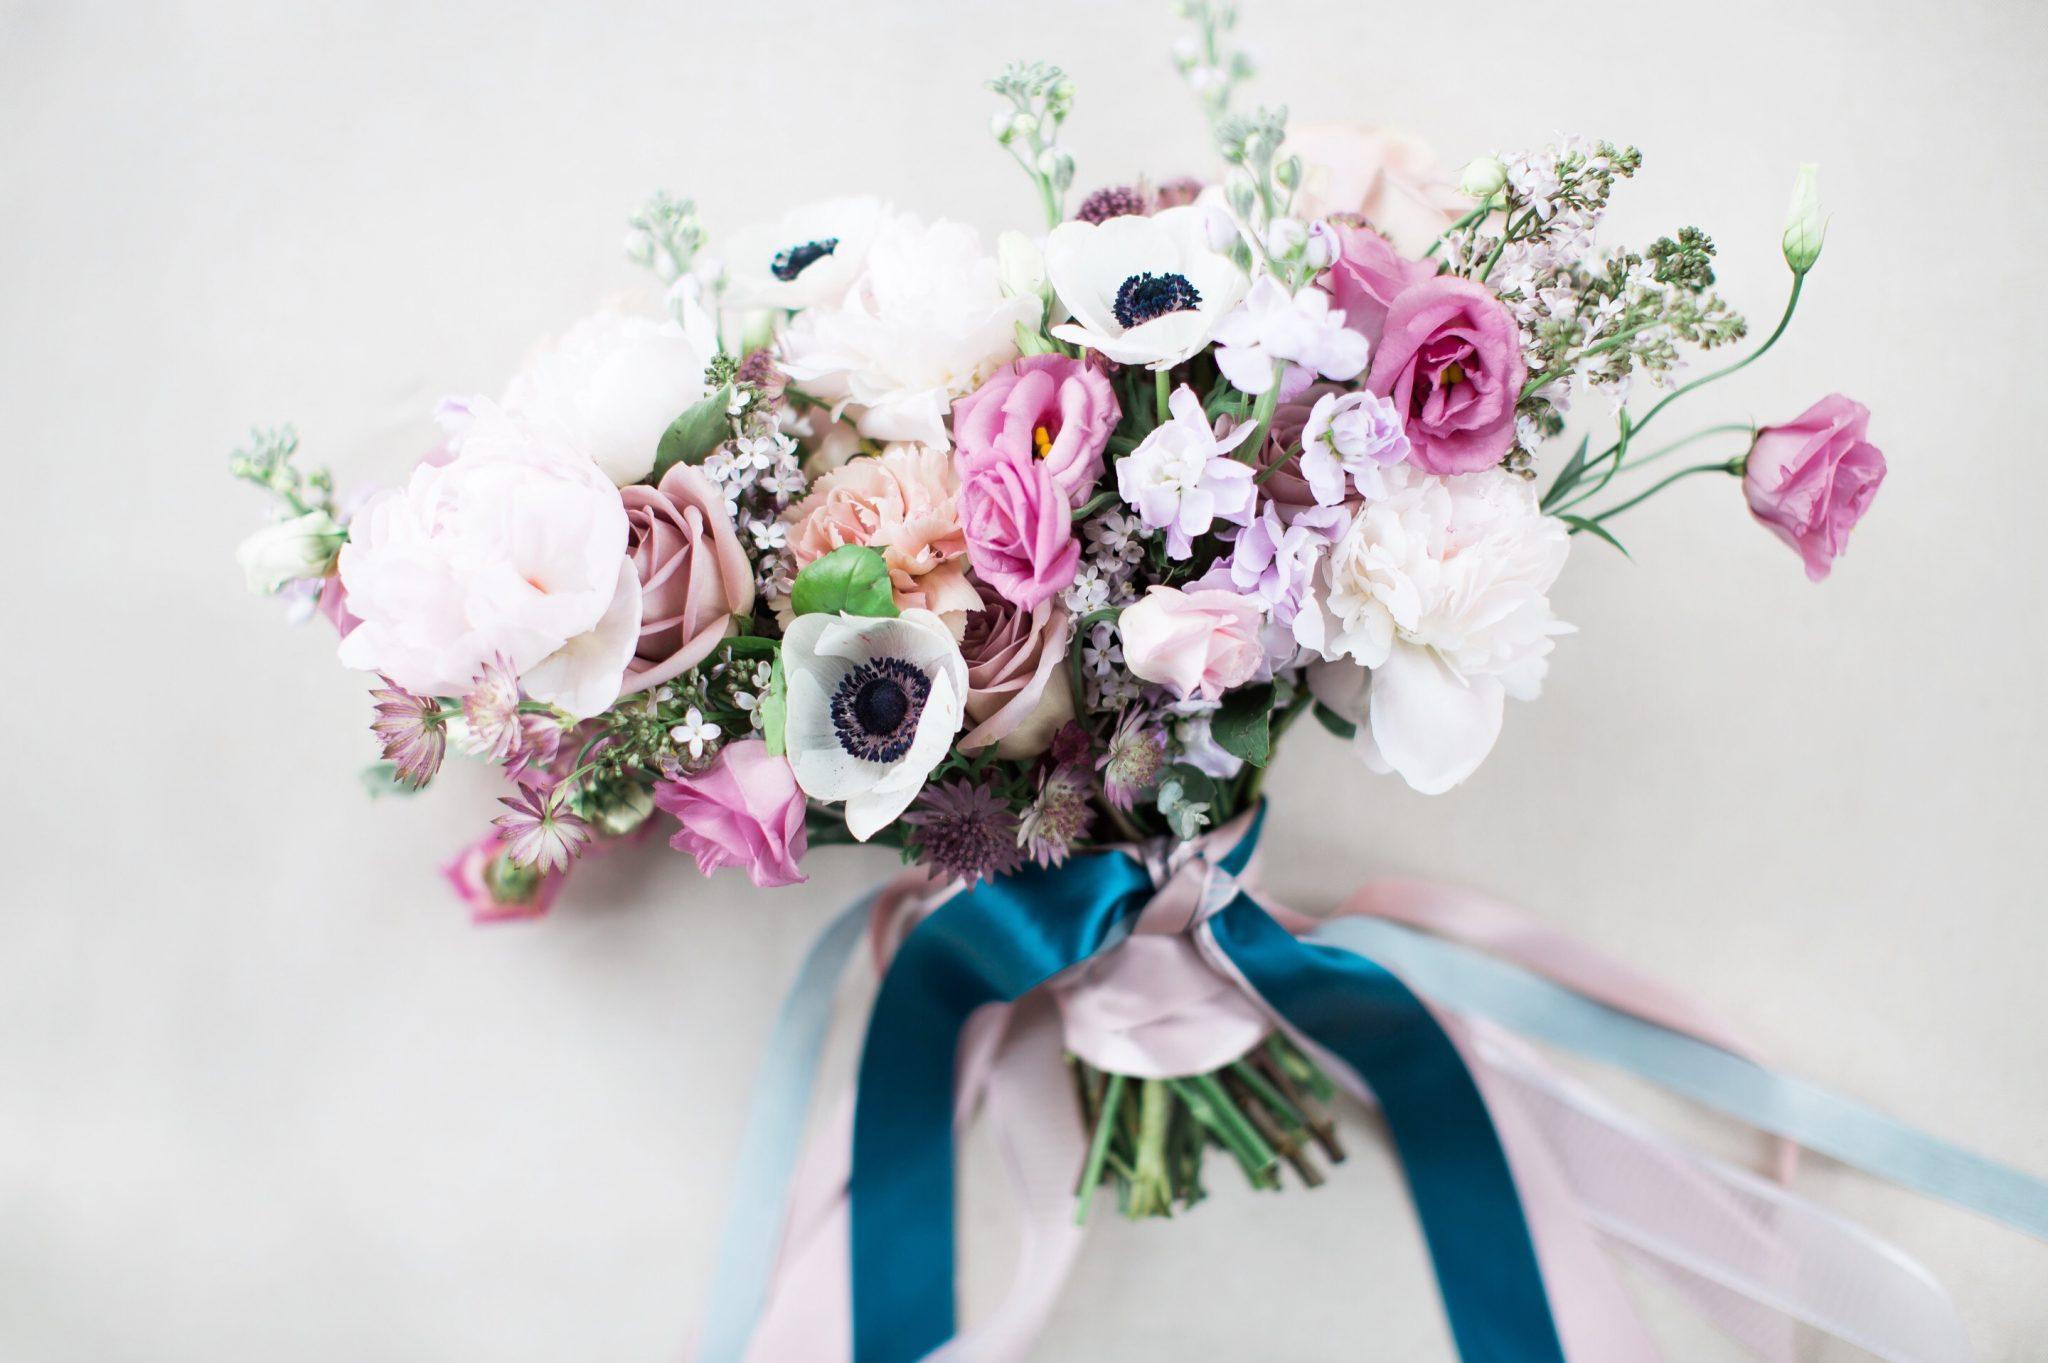 Spring_wedding_bridal_bouquet, wedding_flowers, wedding_florist, anemones, romantic_bridal_bouquet